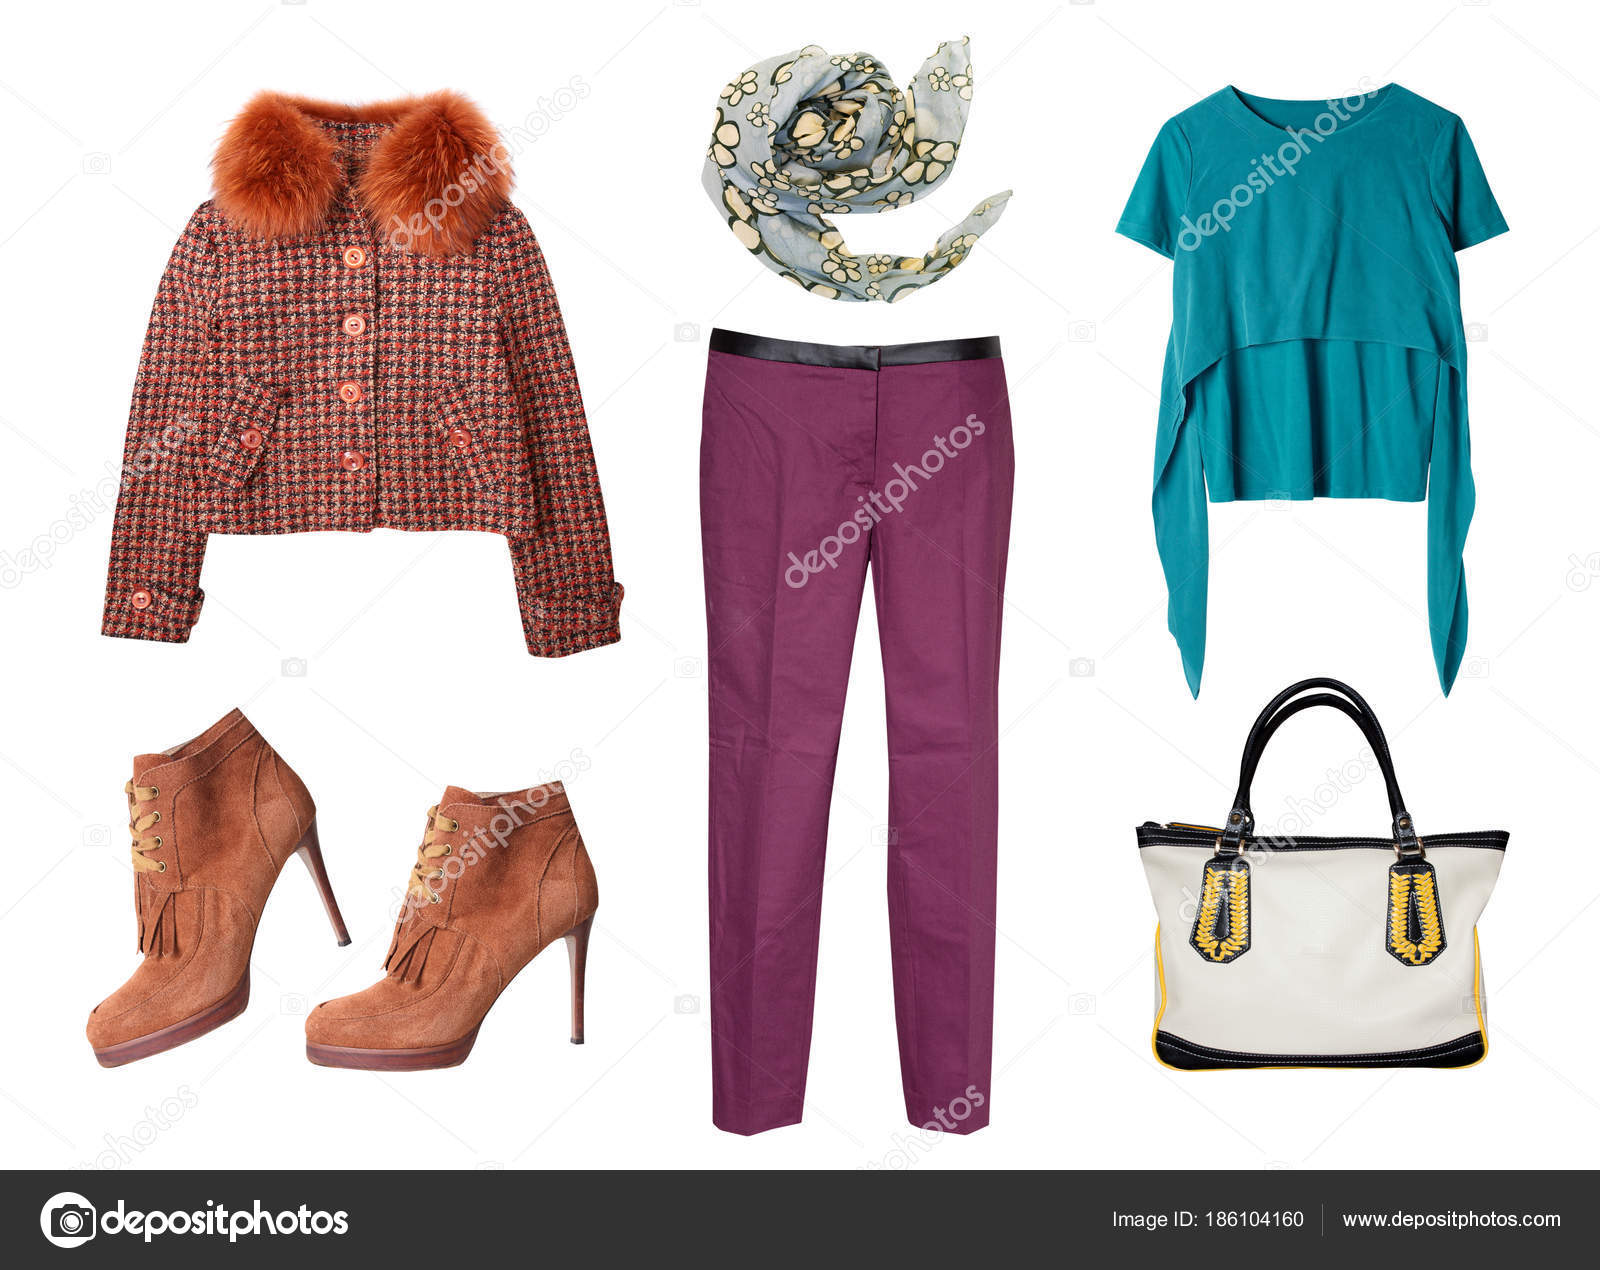 a068b9a3ba83 Conjuntos de ropa mujer otoño | Ropa de primavera otoño mujer ...